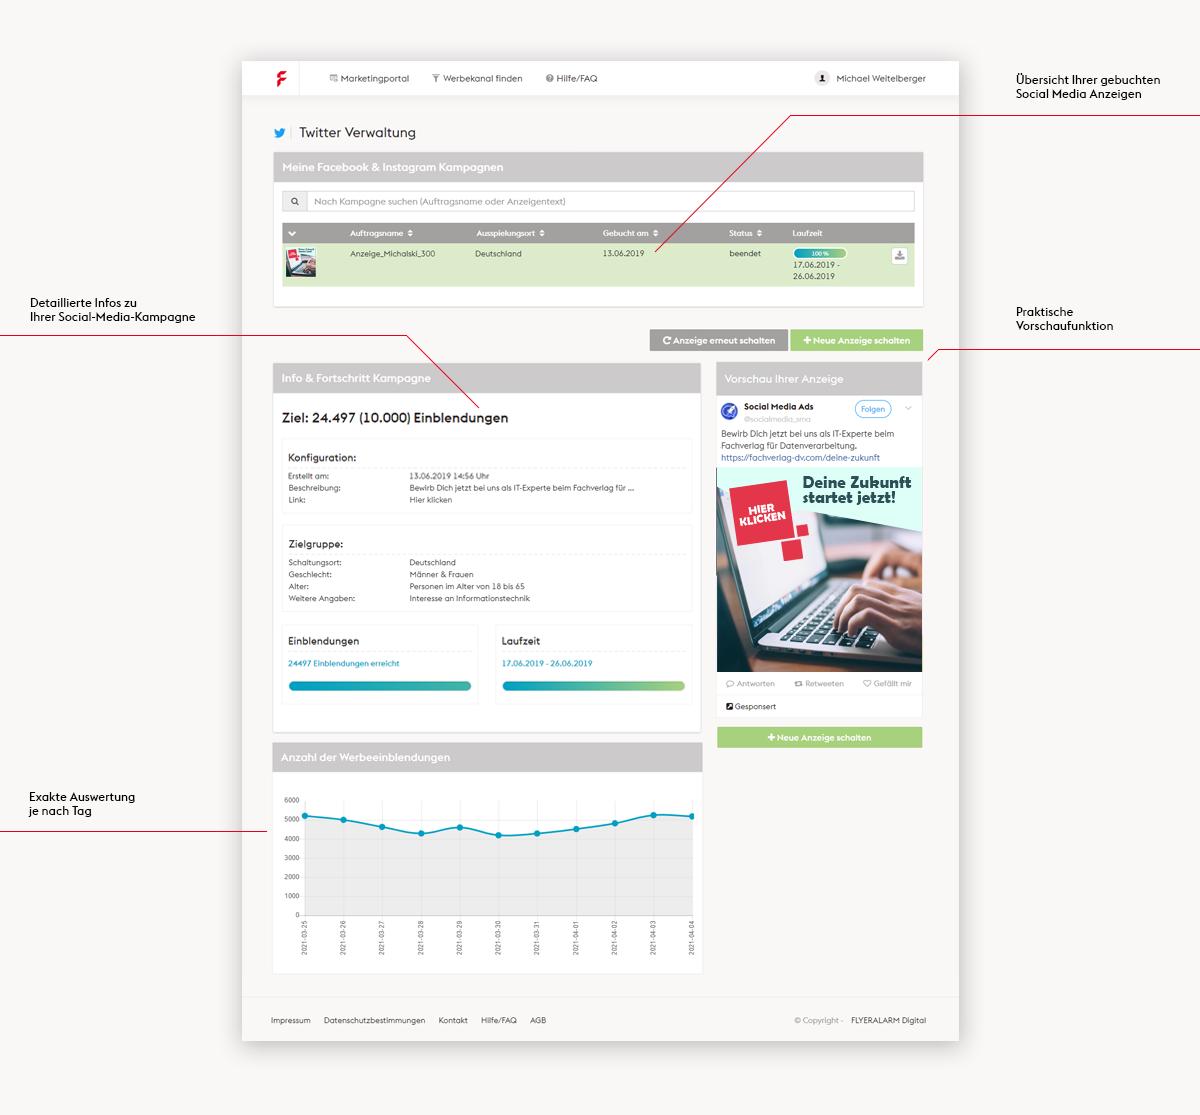 Das Cockpit für Ihre Werbeanzeigen auf Twitter: Unser Online-Marketing-Portal